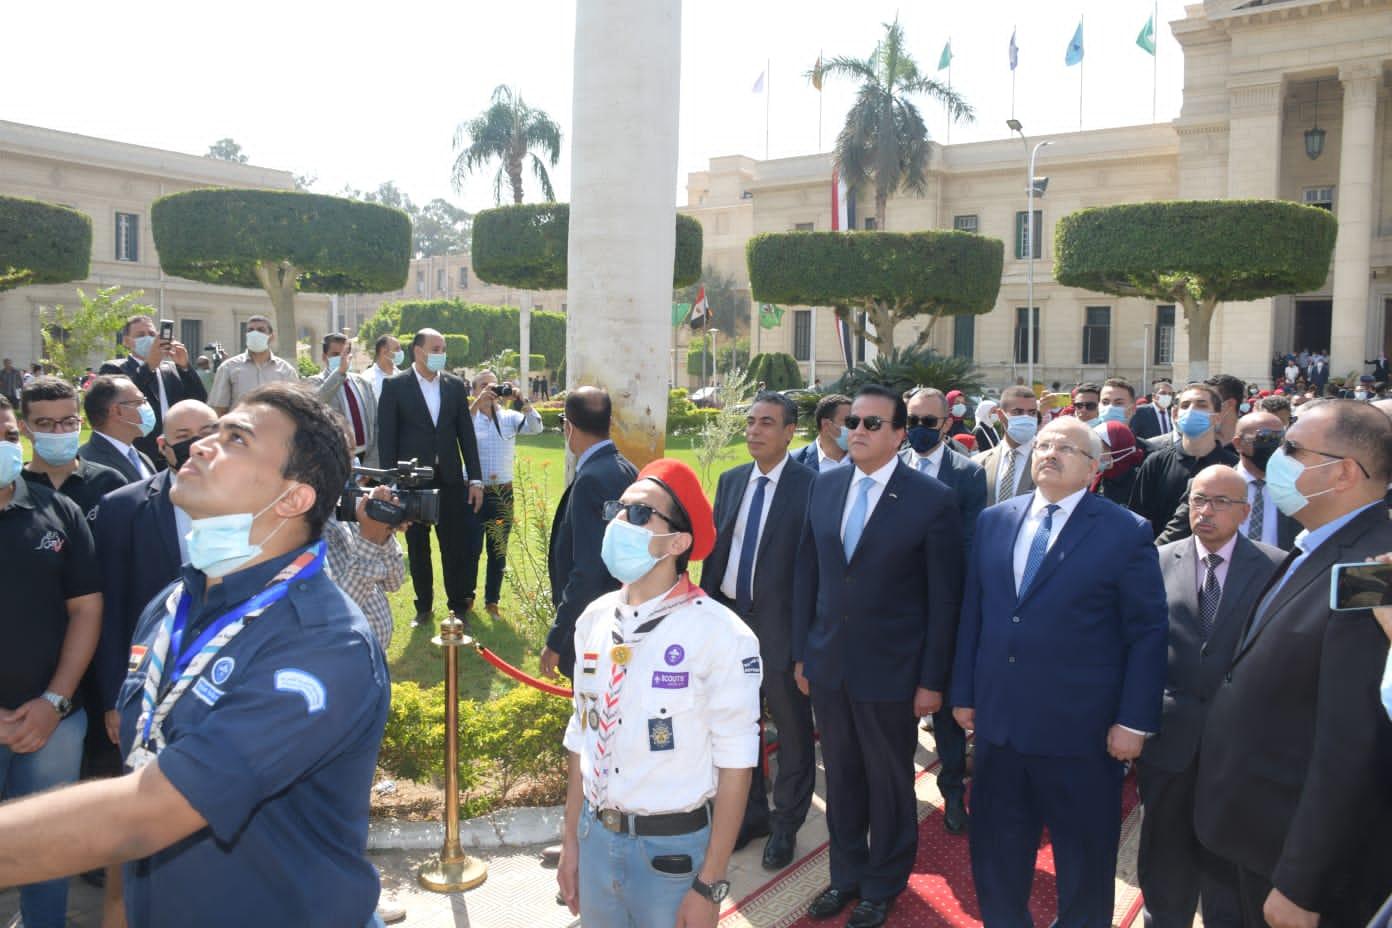 مع انطلاقة  العام الجامعي الجديد: عبد الغفار والخشت يشهدان تحية العلم وعزف النشيد الوطنى أمام قبة حرم جامعة القاهرة